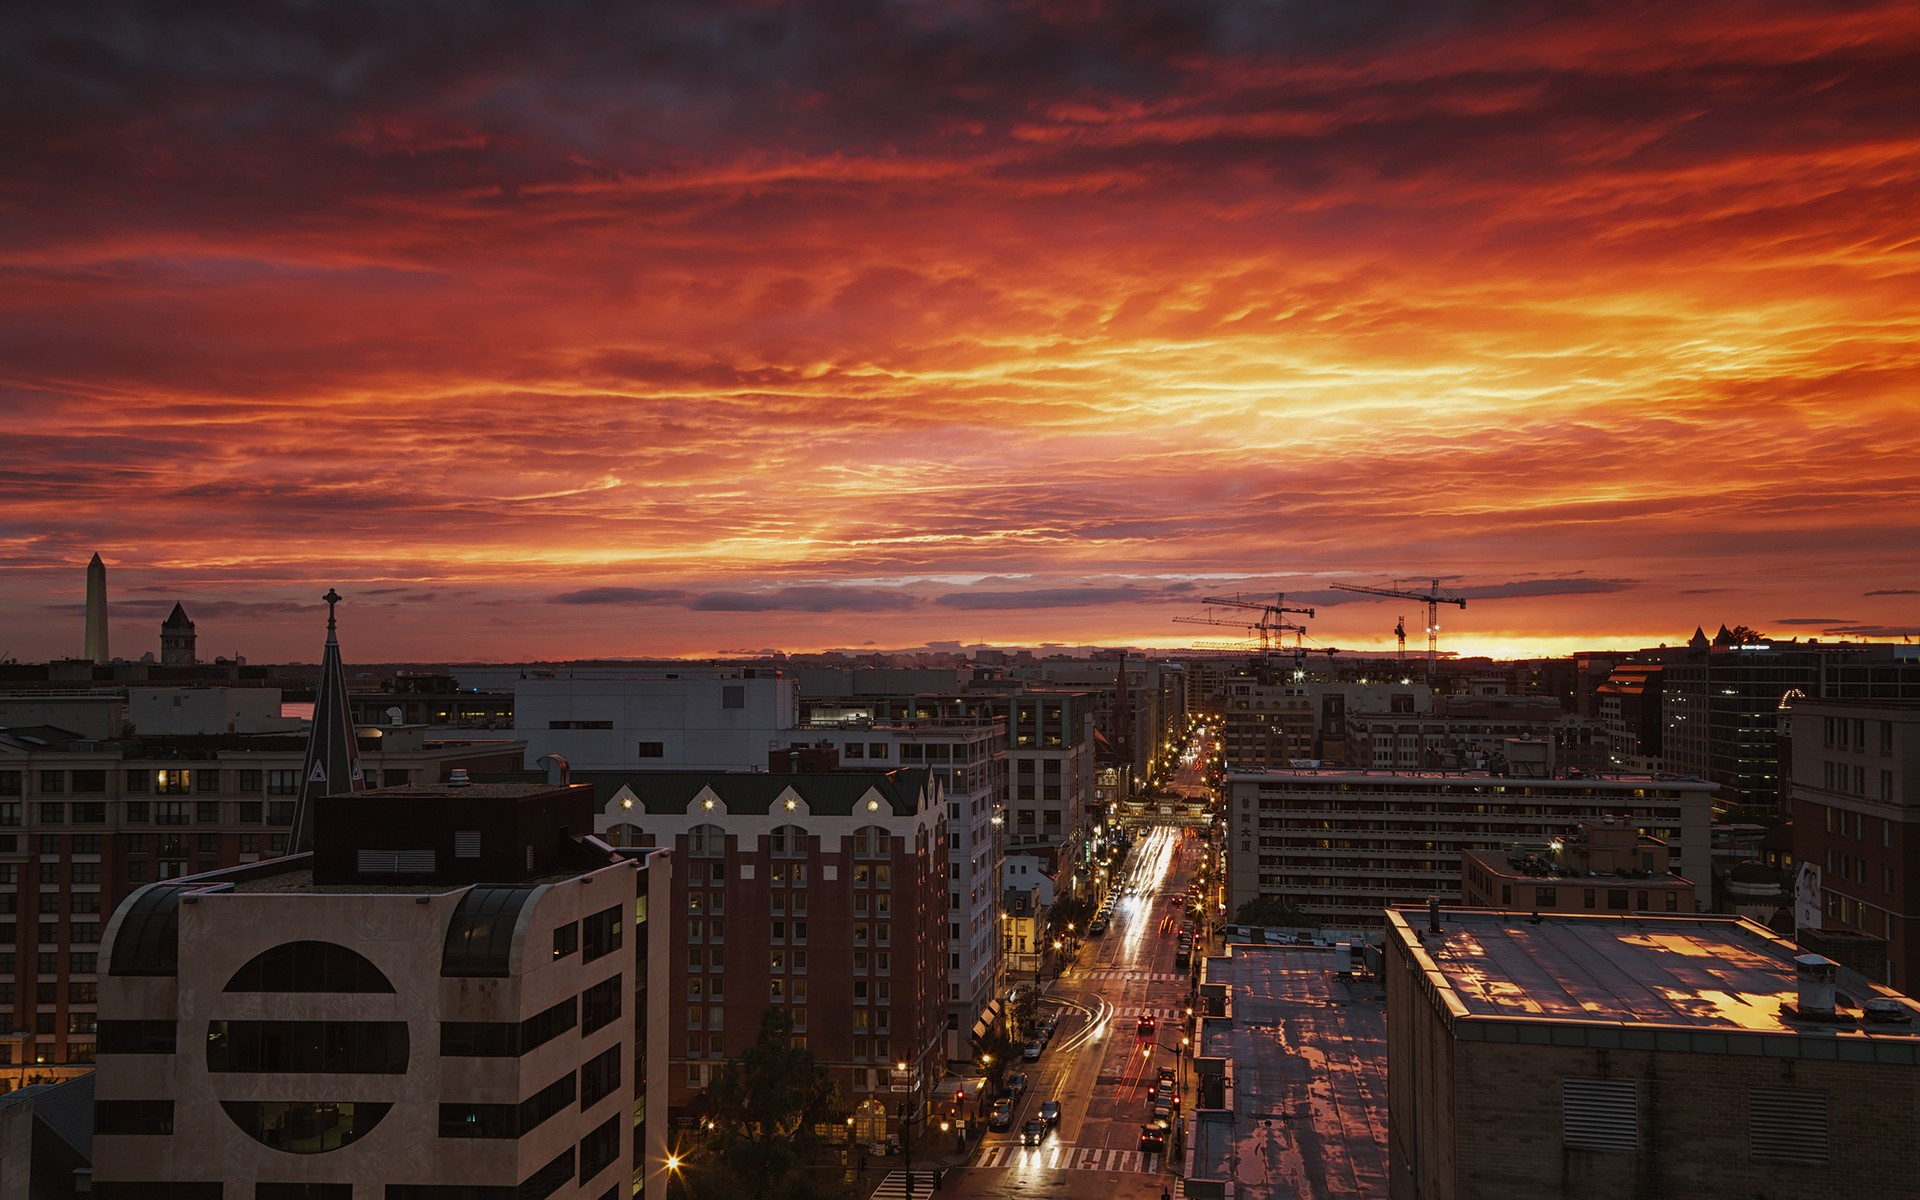 картинки города на закате дня собаки